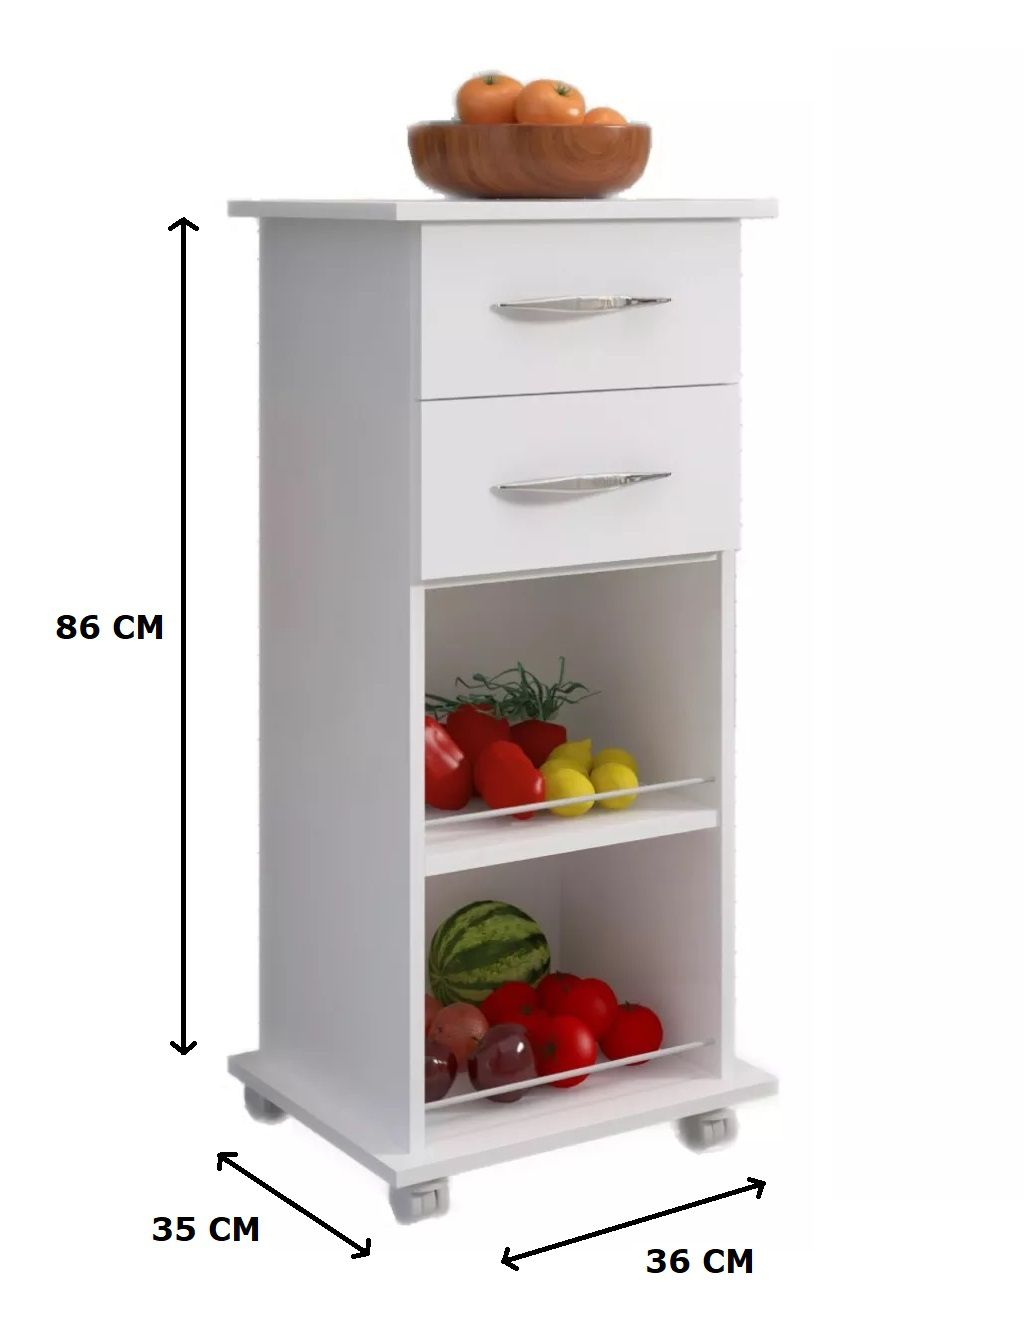 Fruteira 2 Gavetas c/ Rodinhas Cozinha Base Organizador